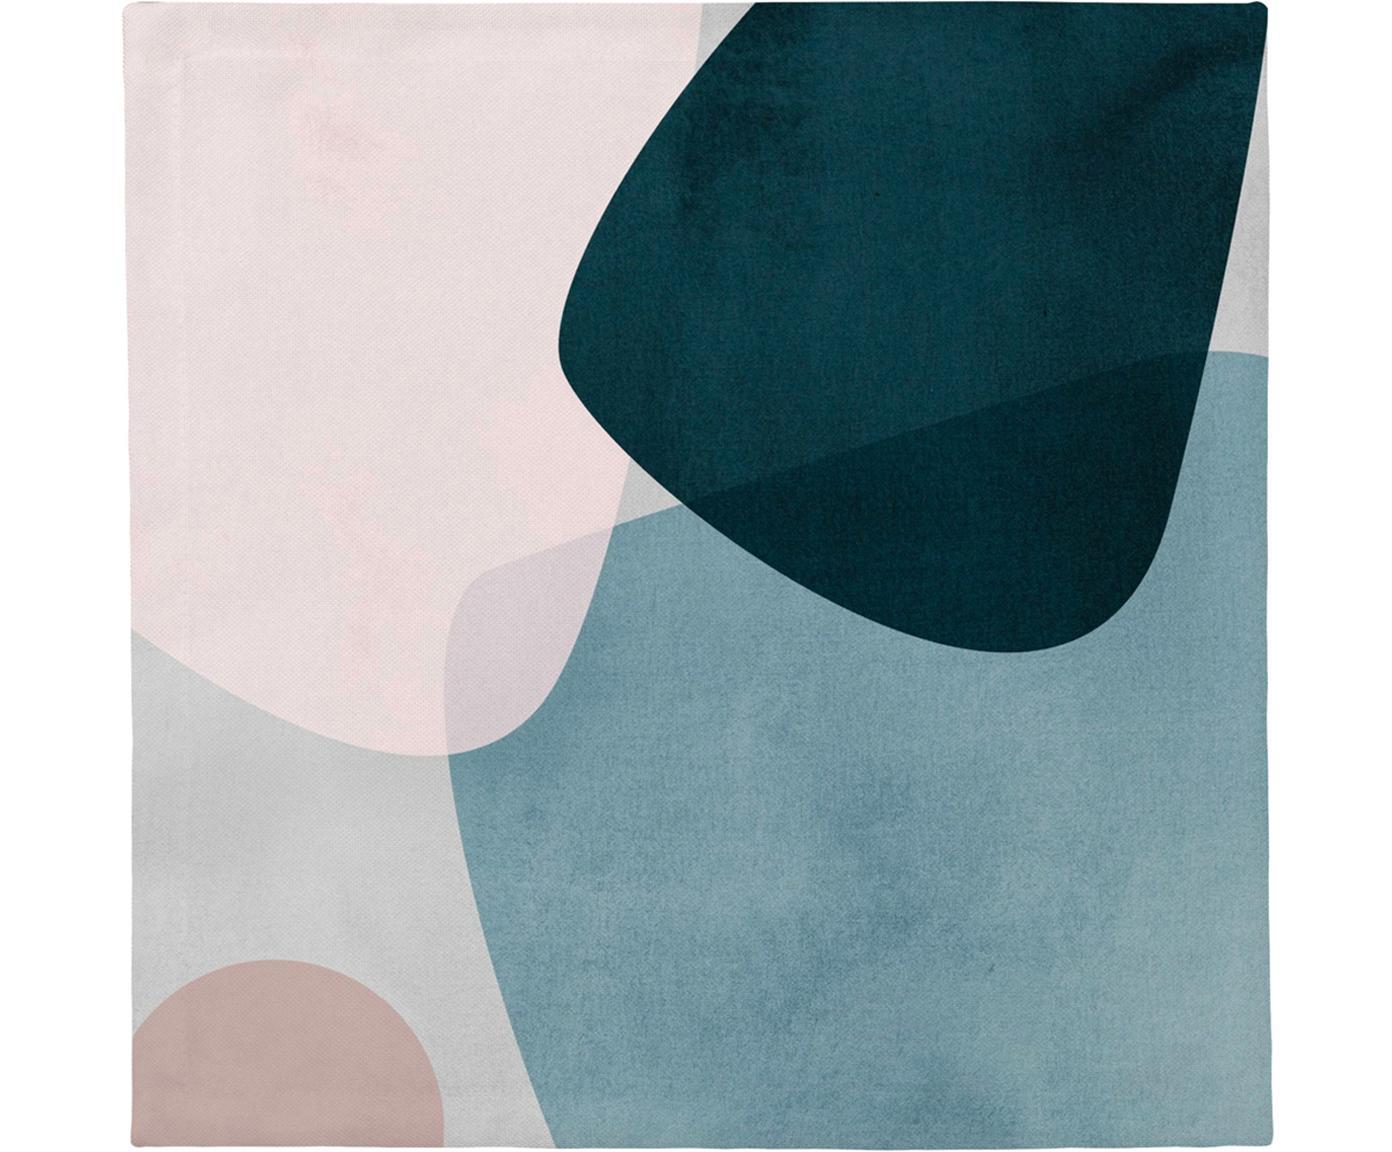 Baumwoll-Servietten Graphic, 4 Stück, Baumwolle, Dunkelblau, Blau, Grau, Rosa, 40 x 40 cm